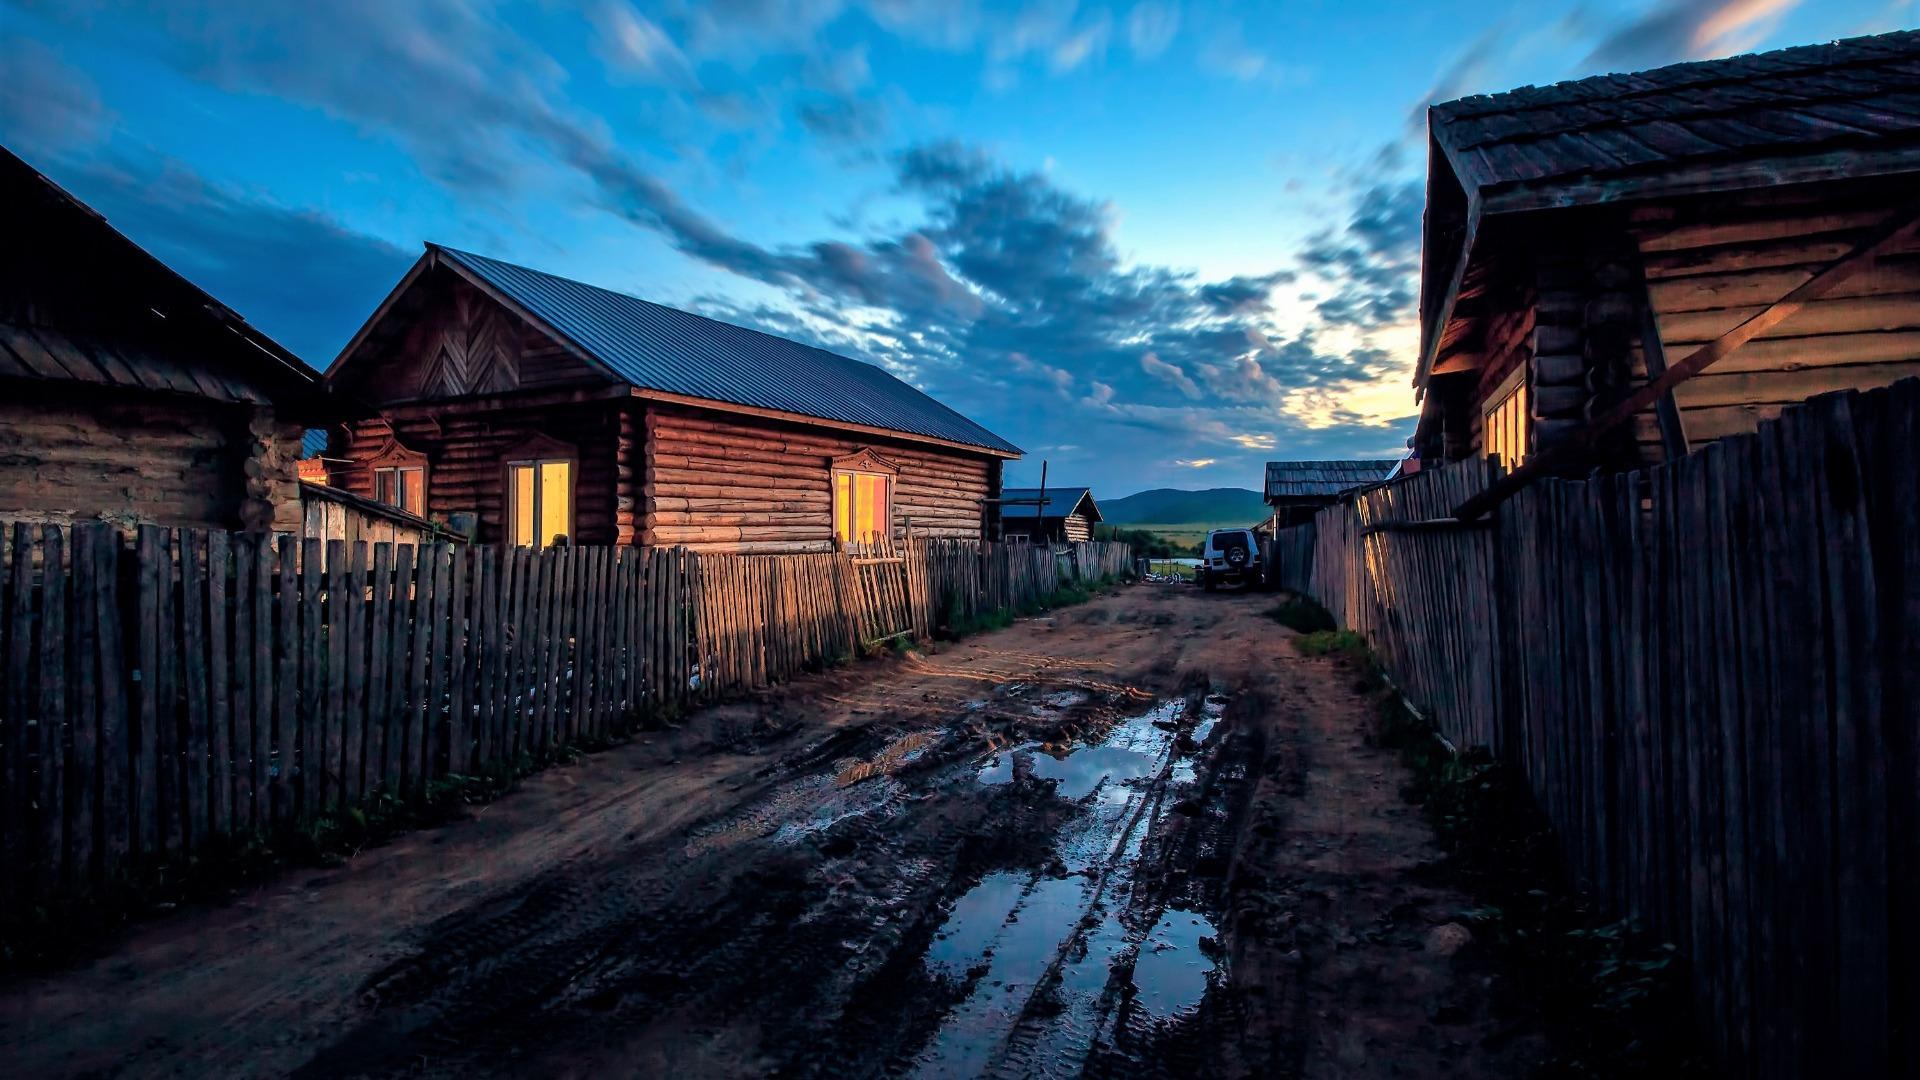 Rural evening wallpaper